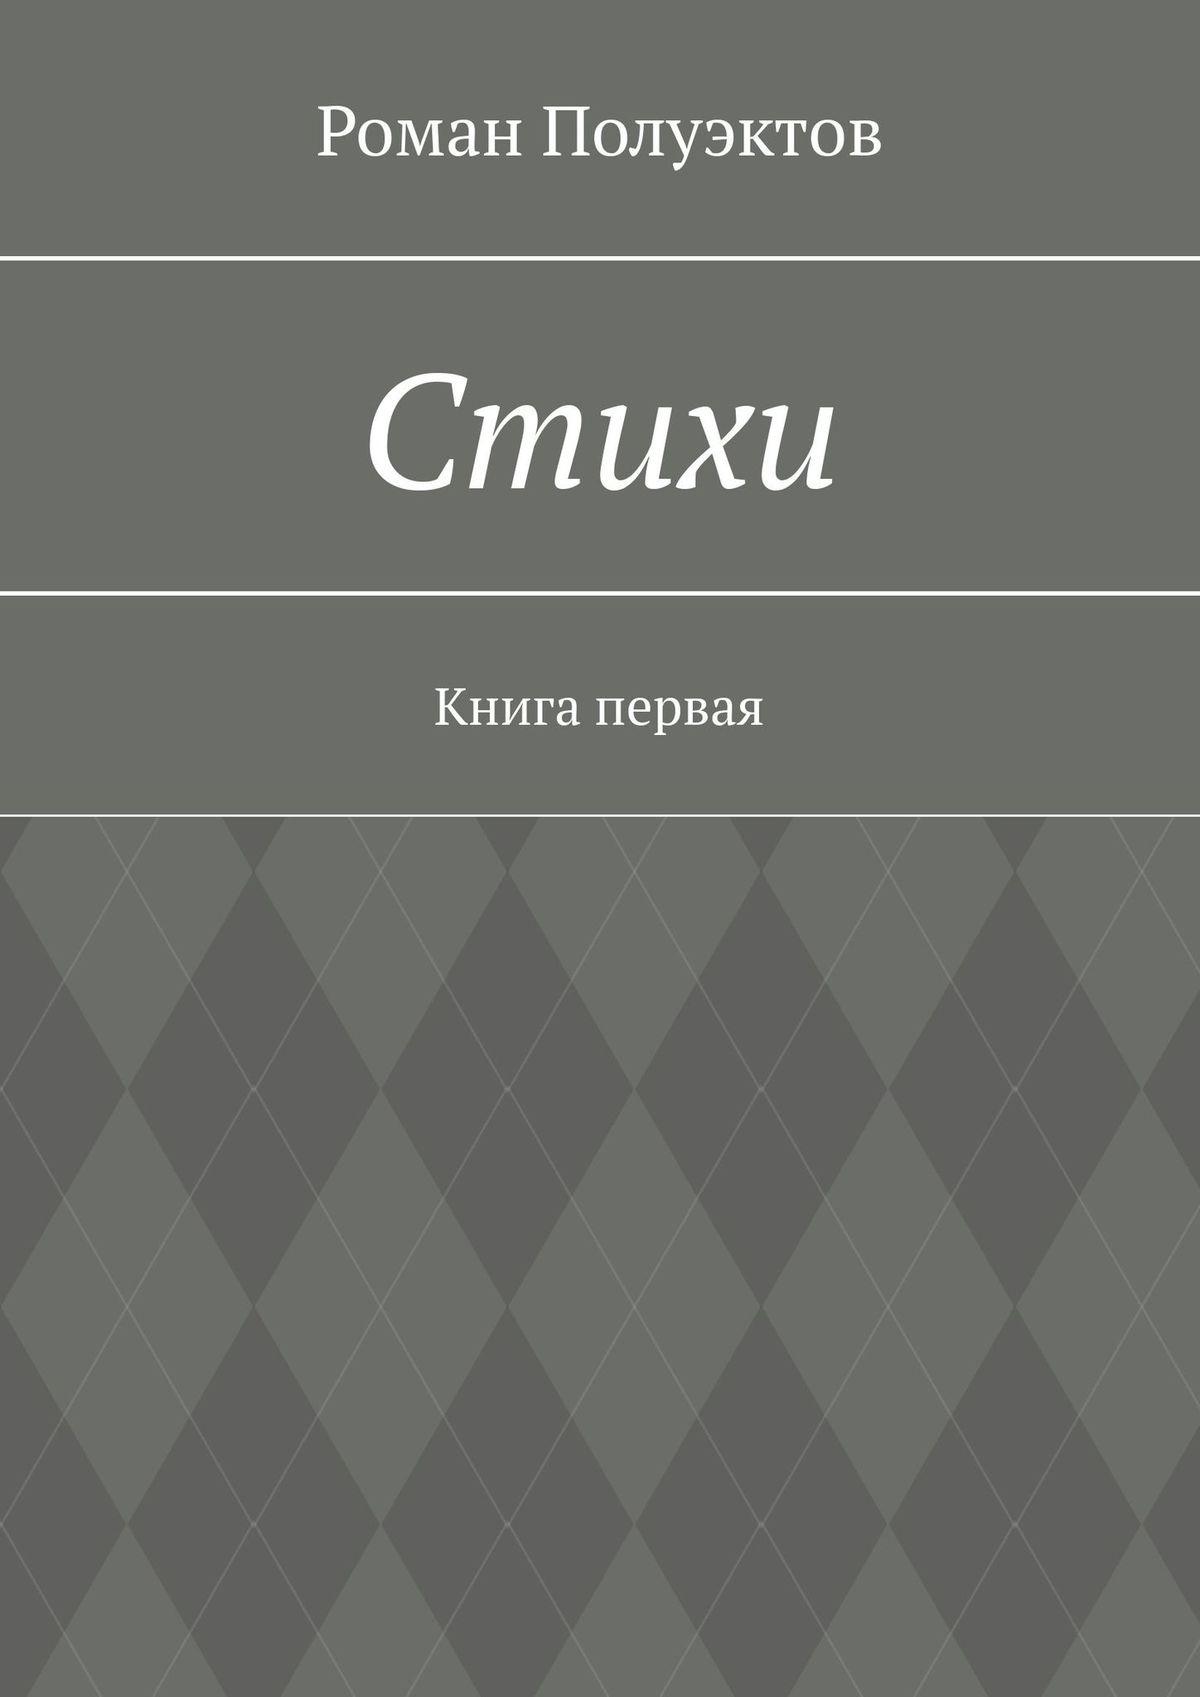 Роман Александроич Полуэкто Стихи. Книга перая